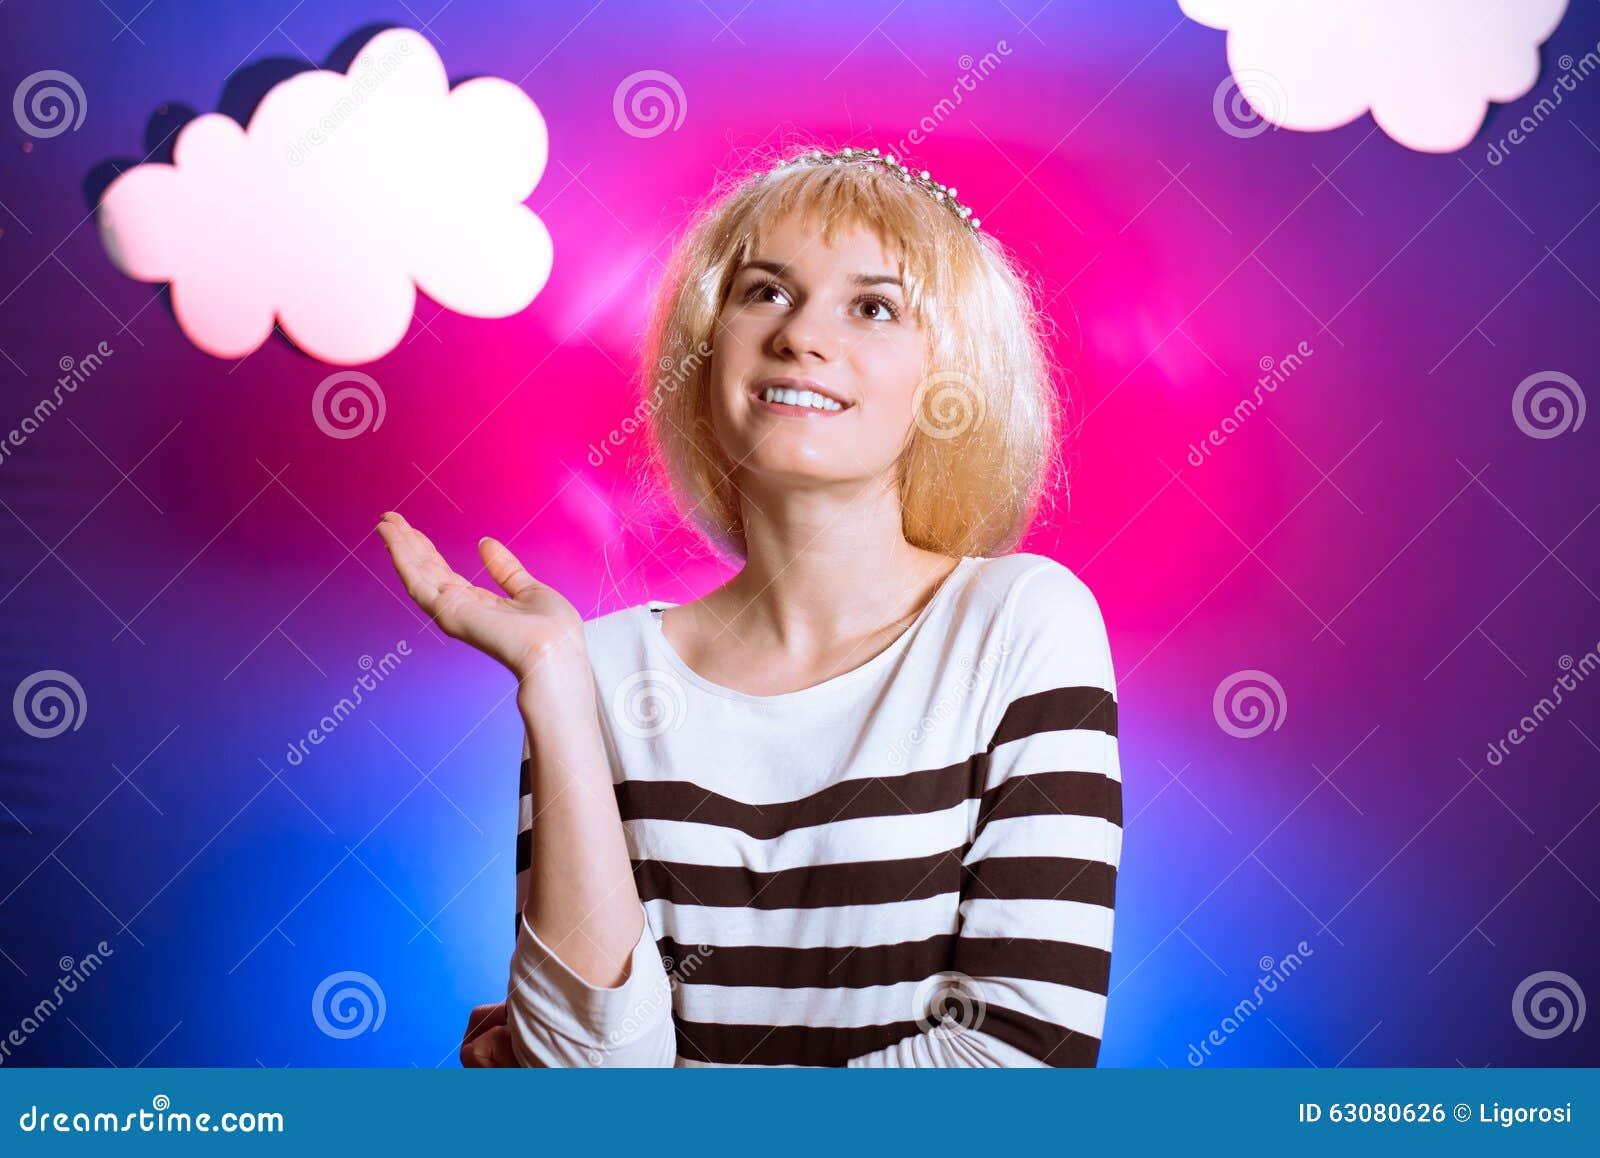 Download Jolie Fille Dans La Perruque Sur L'écran Coloré Avec Des Nuages Photo stock - Image du dame, joyeux: 63080626